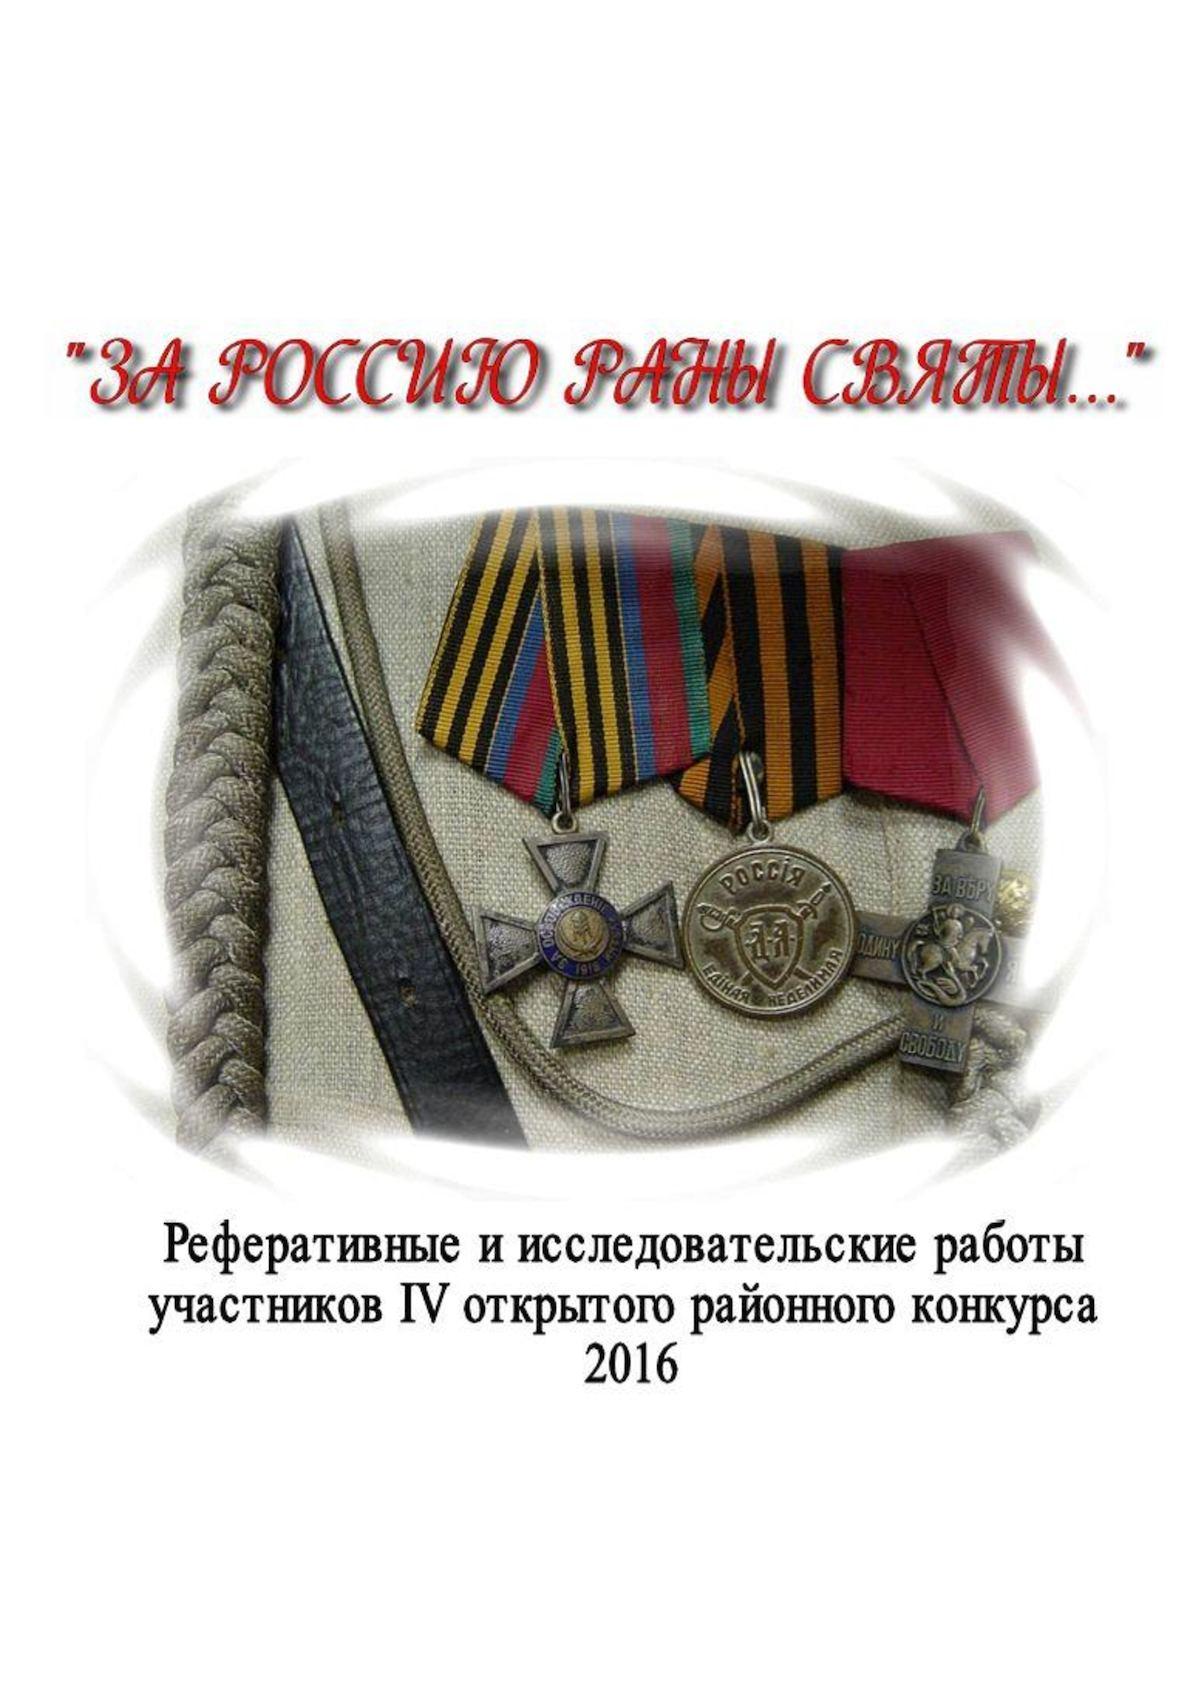 Calaméo - За Россию раны святы 4 й сборник 2016 год 702d8364775